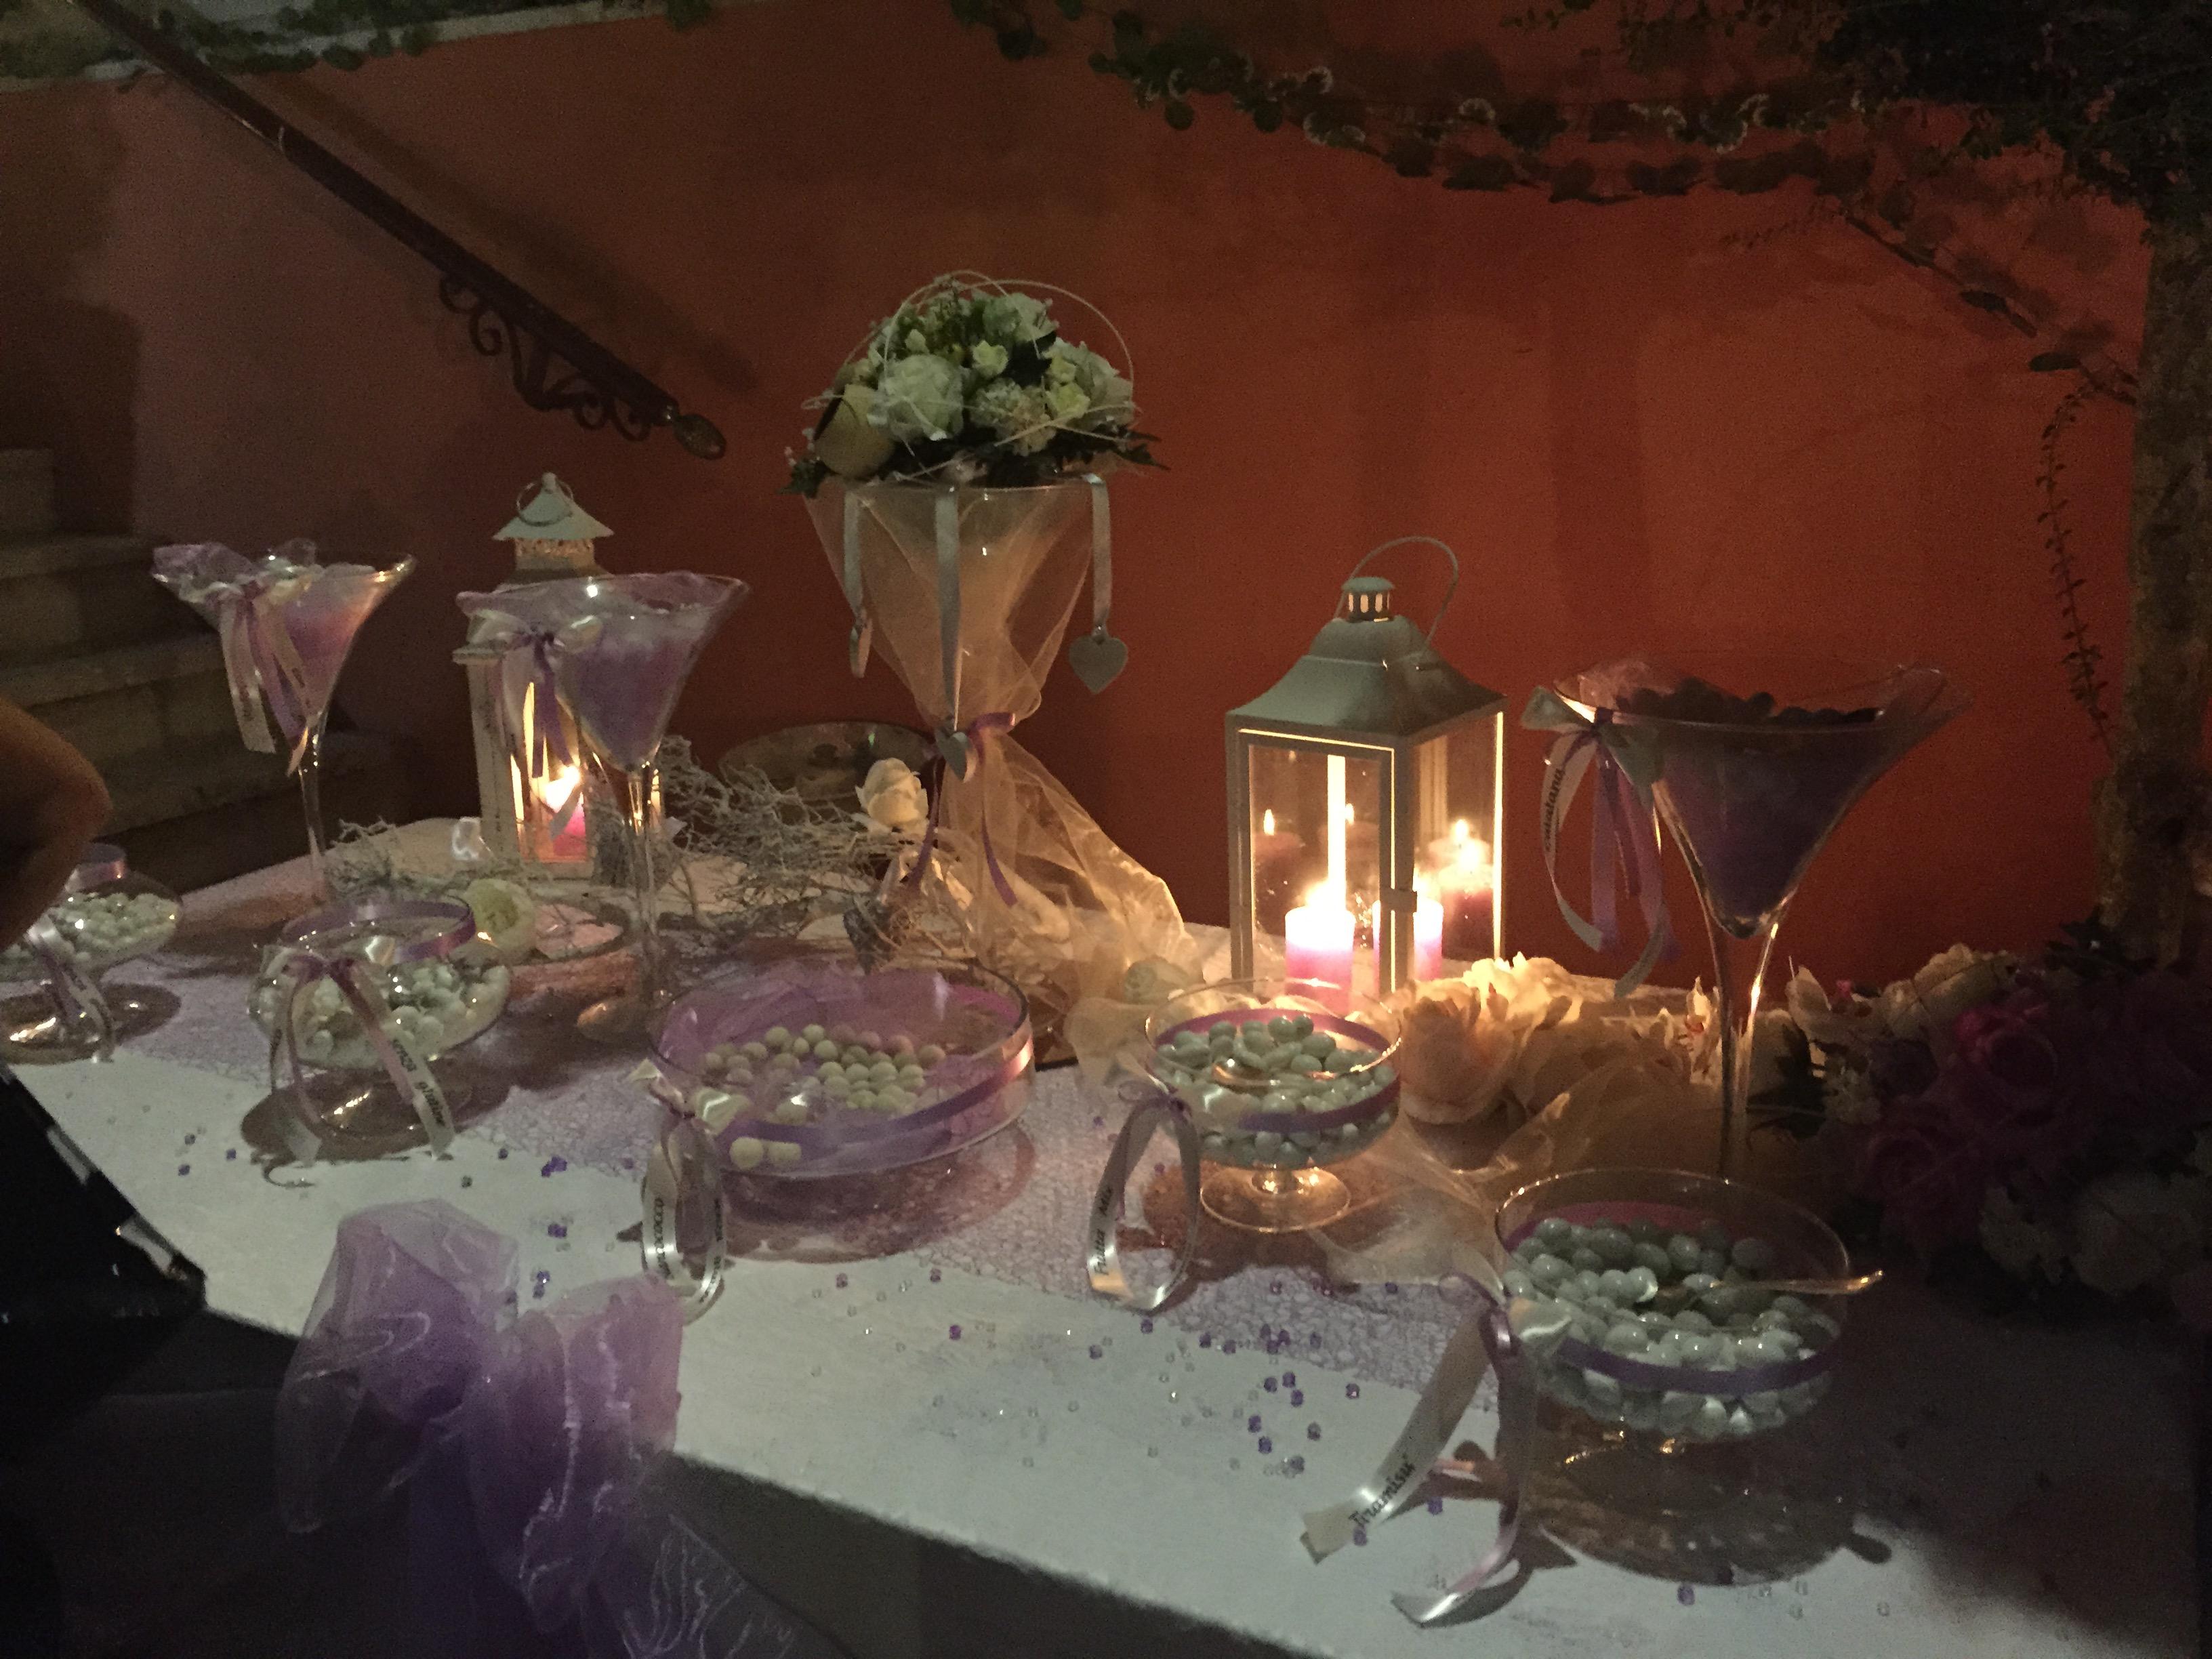 Confettata lilla e lanterne a Villa Majestic